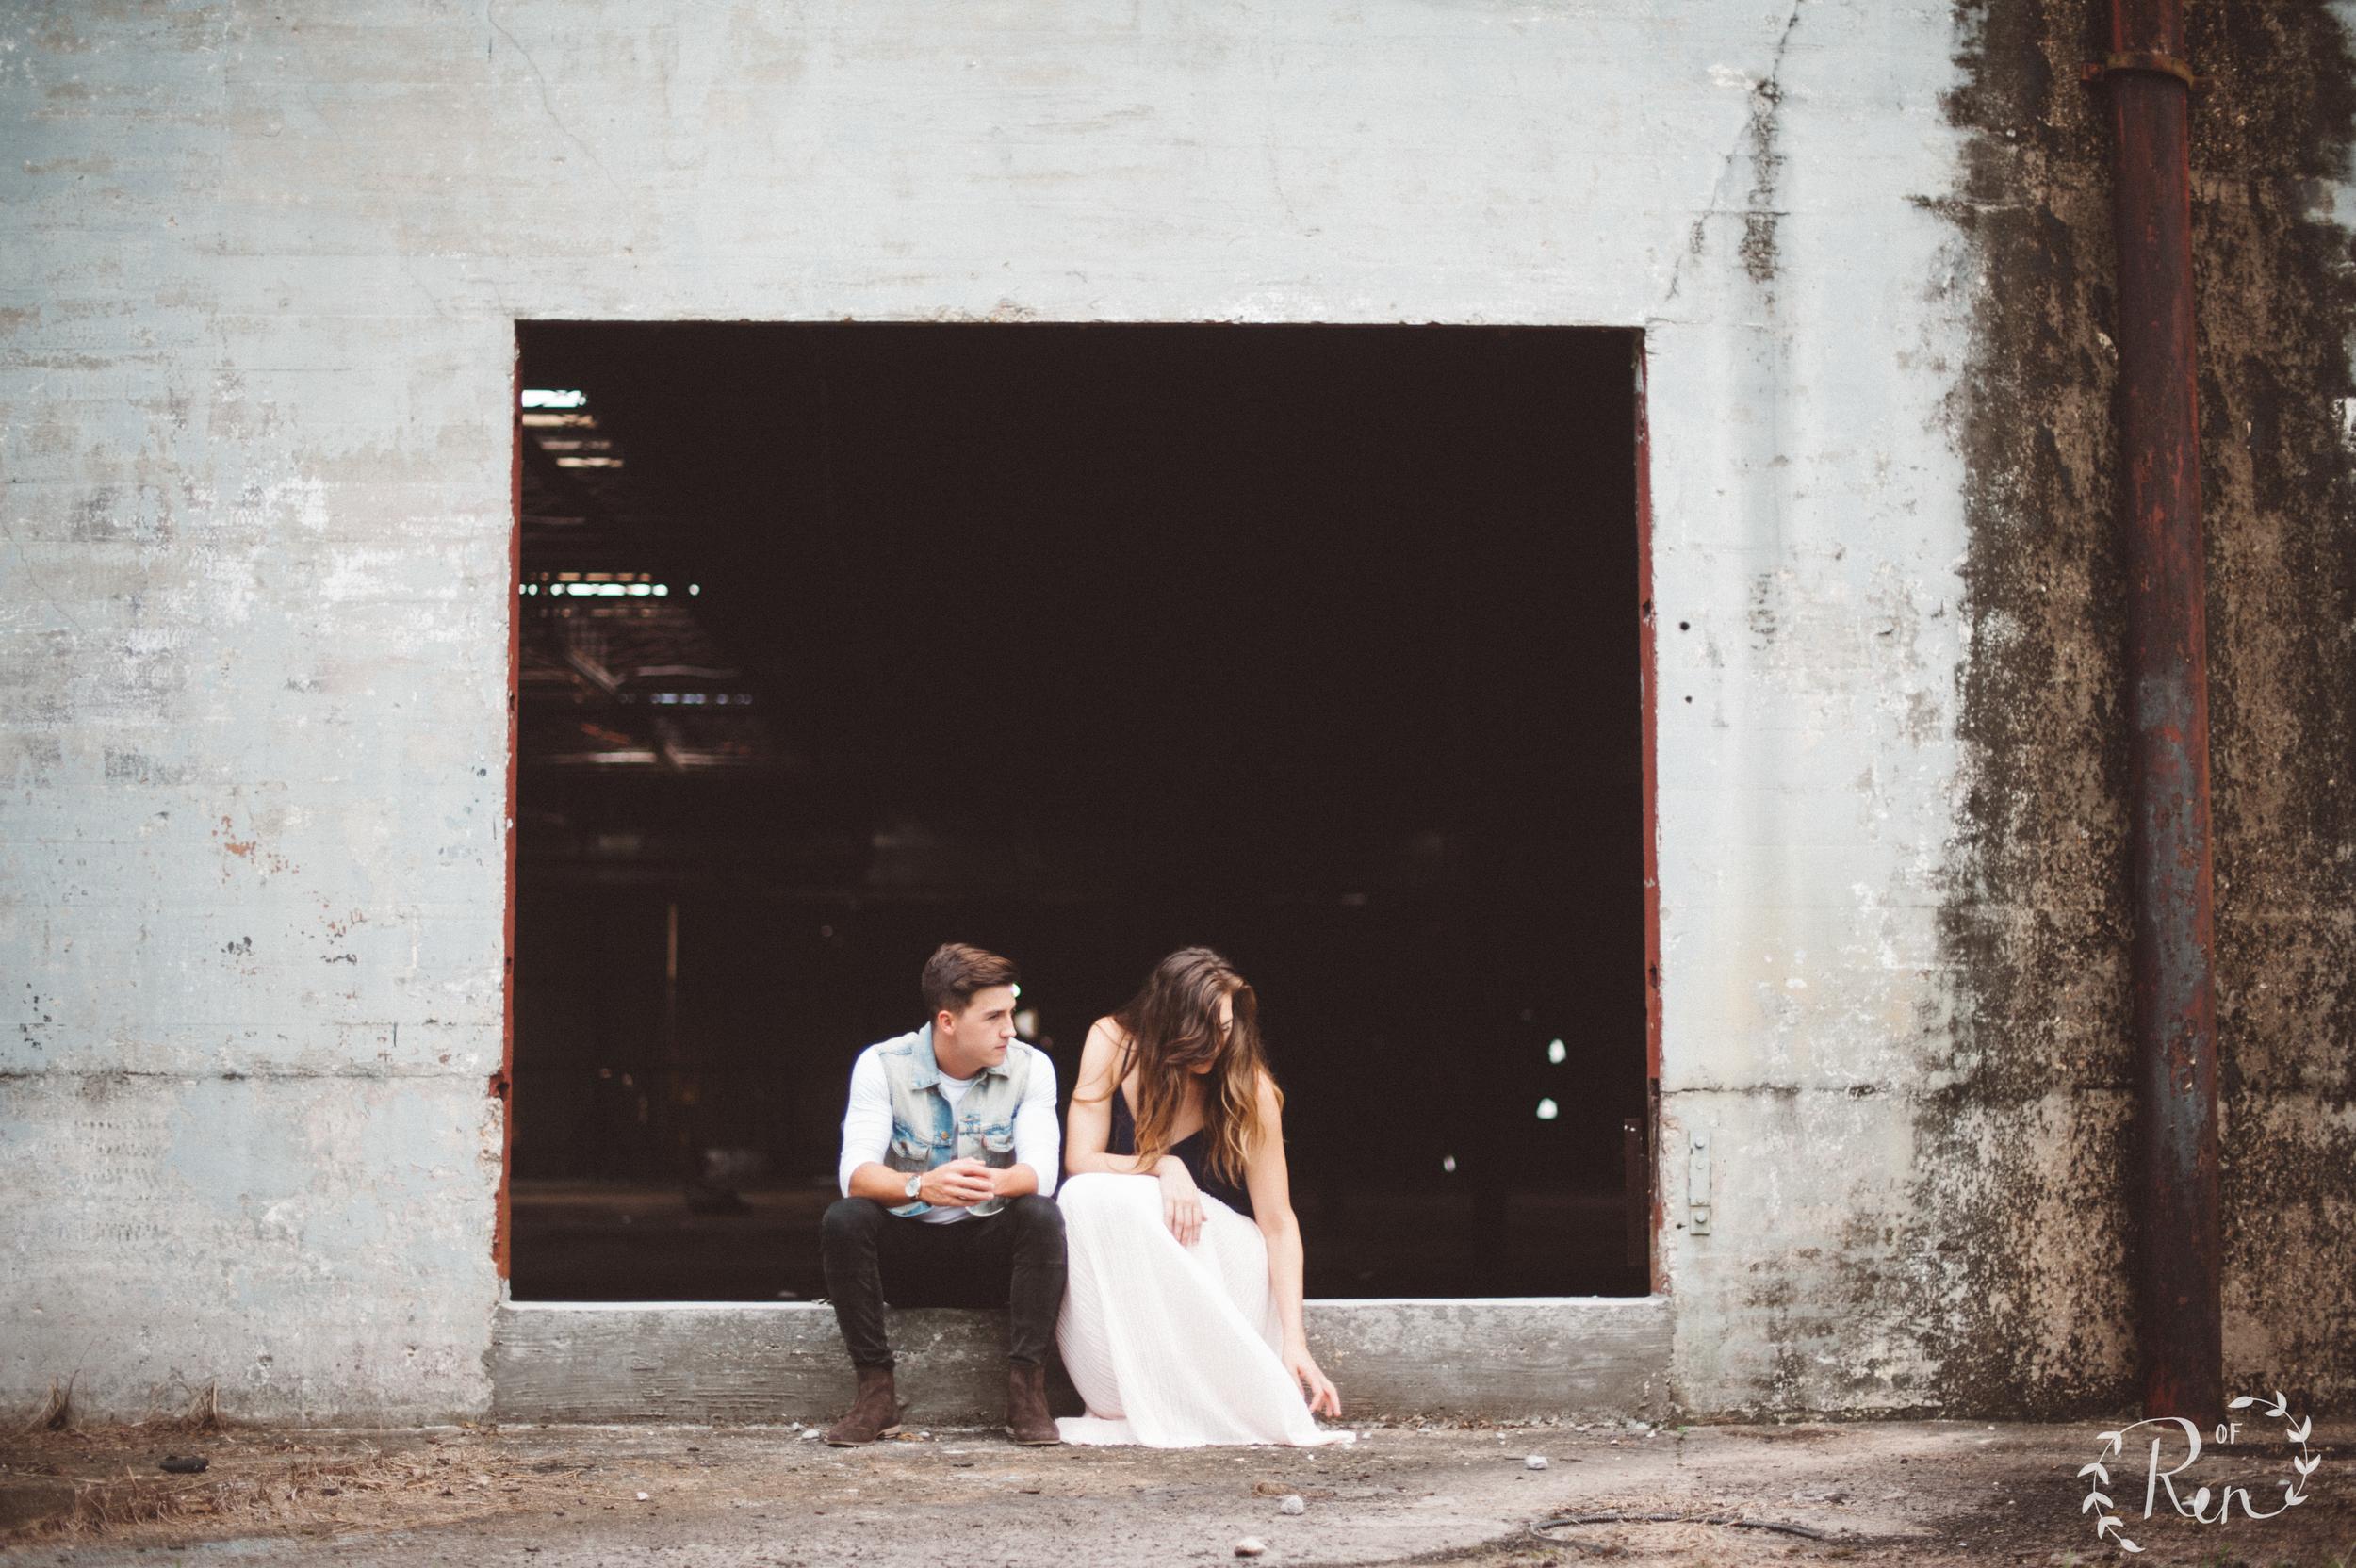 ofRen_EngagementPhotos_lensofren-41.jpg